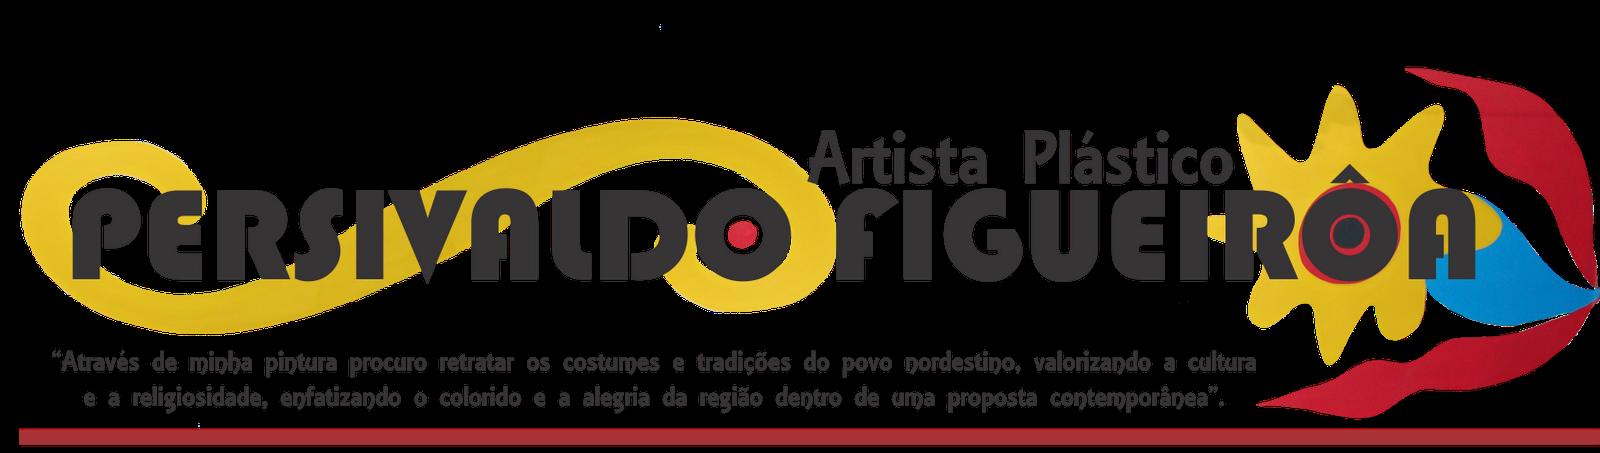 Persivaldo Figueirôa - Artista Plástico